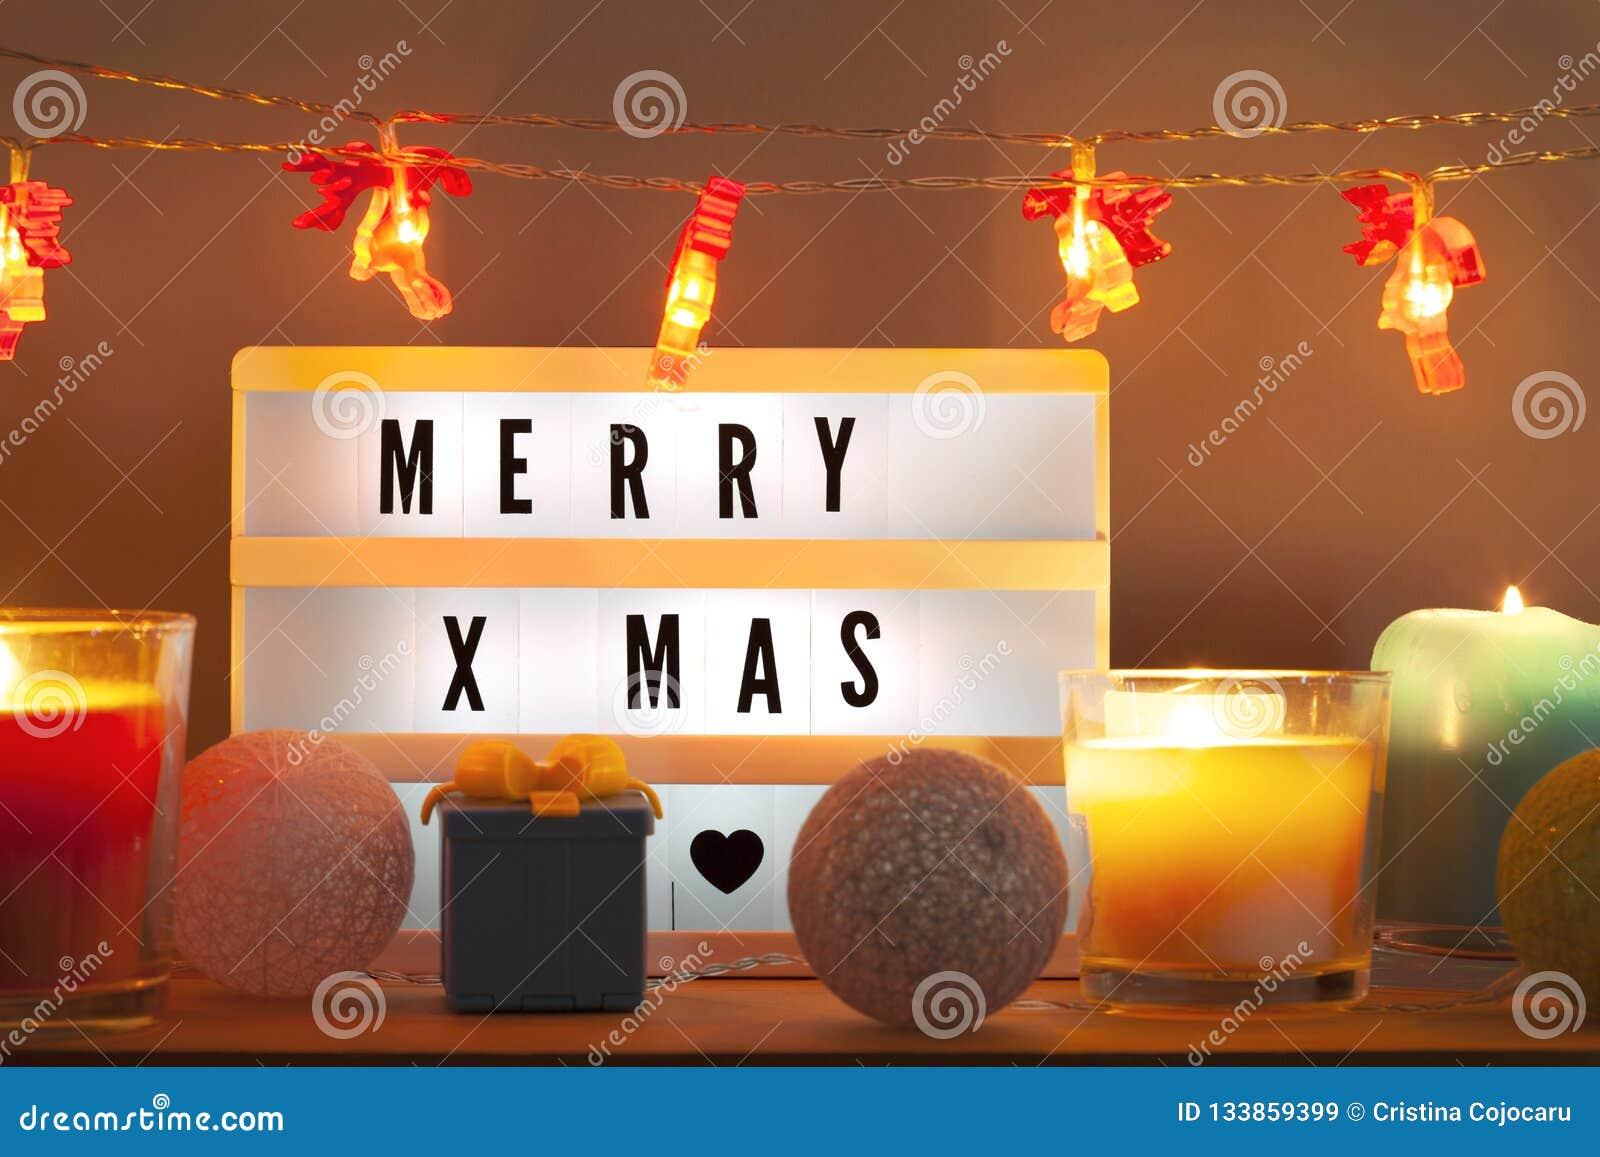 Fröhliches Weihnachten-lightbox und Weihnachtsdekorationen mit Geschenk